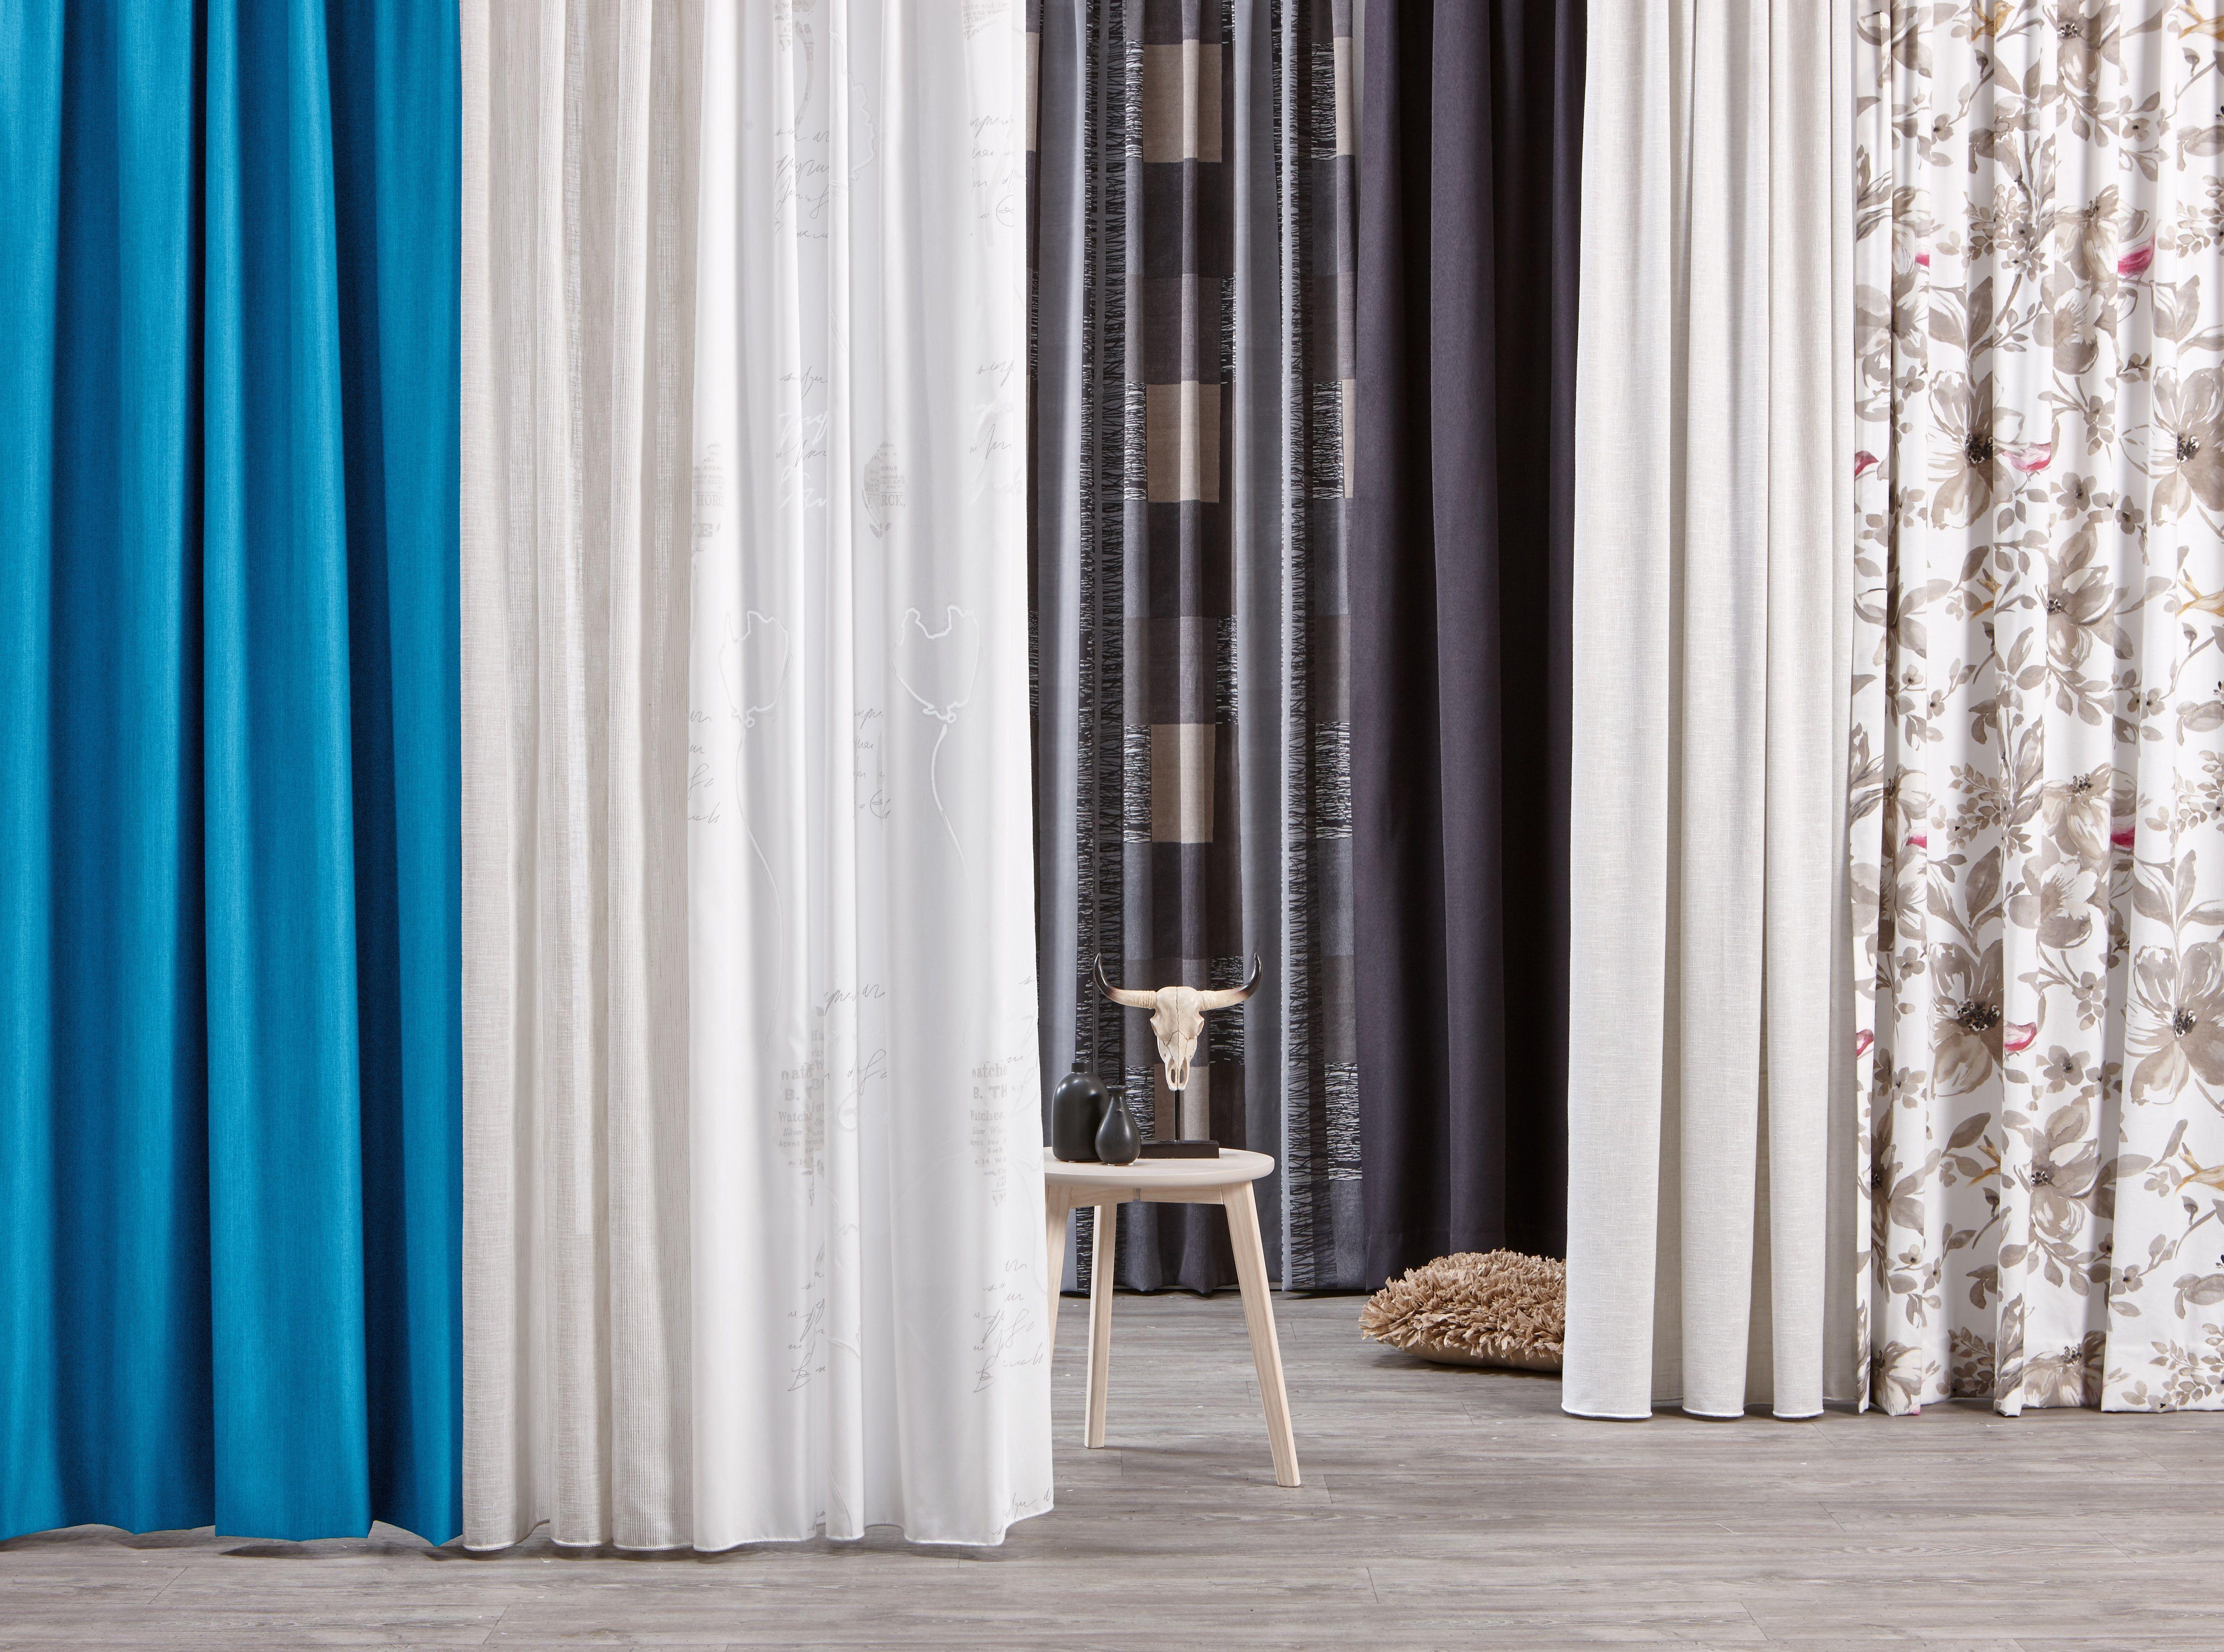 Slaapkamer Gordijnen Verduisterend : Rust in huis met verduisterende gordijnen in koele tinten